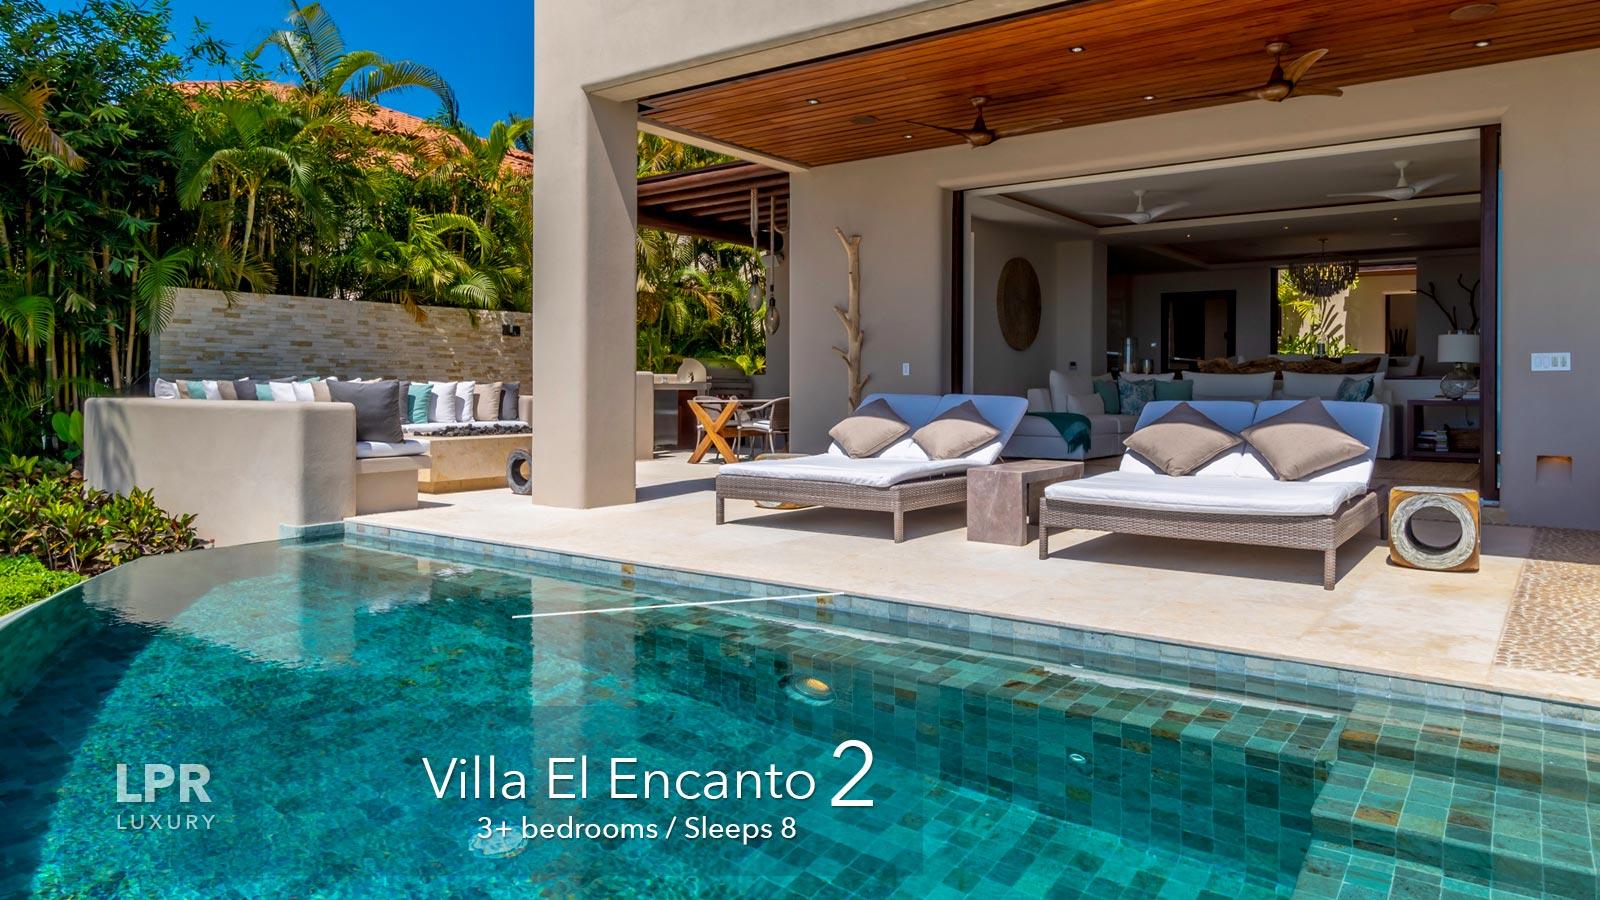 Villa El Encanto 2 - El Encanto Villas at El Encanto - Punta Mita Mexico Vacation Rental Villas